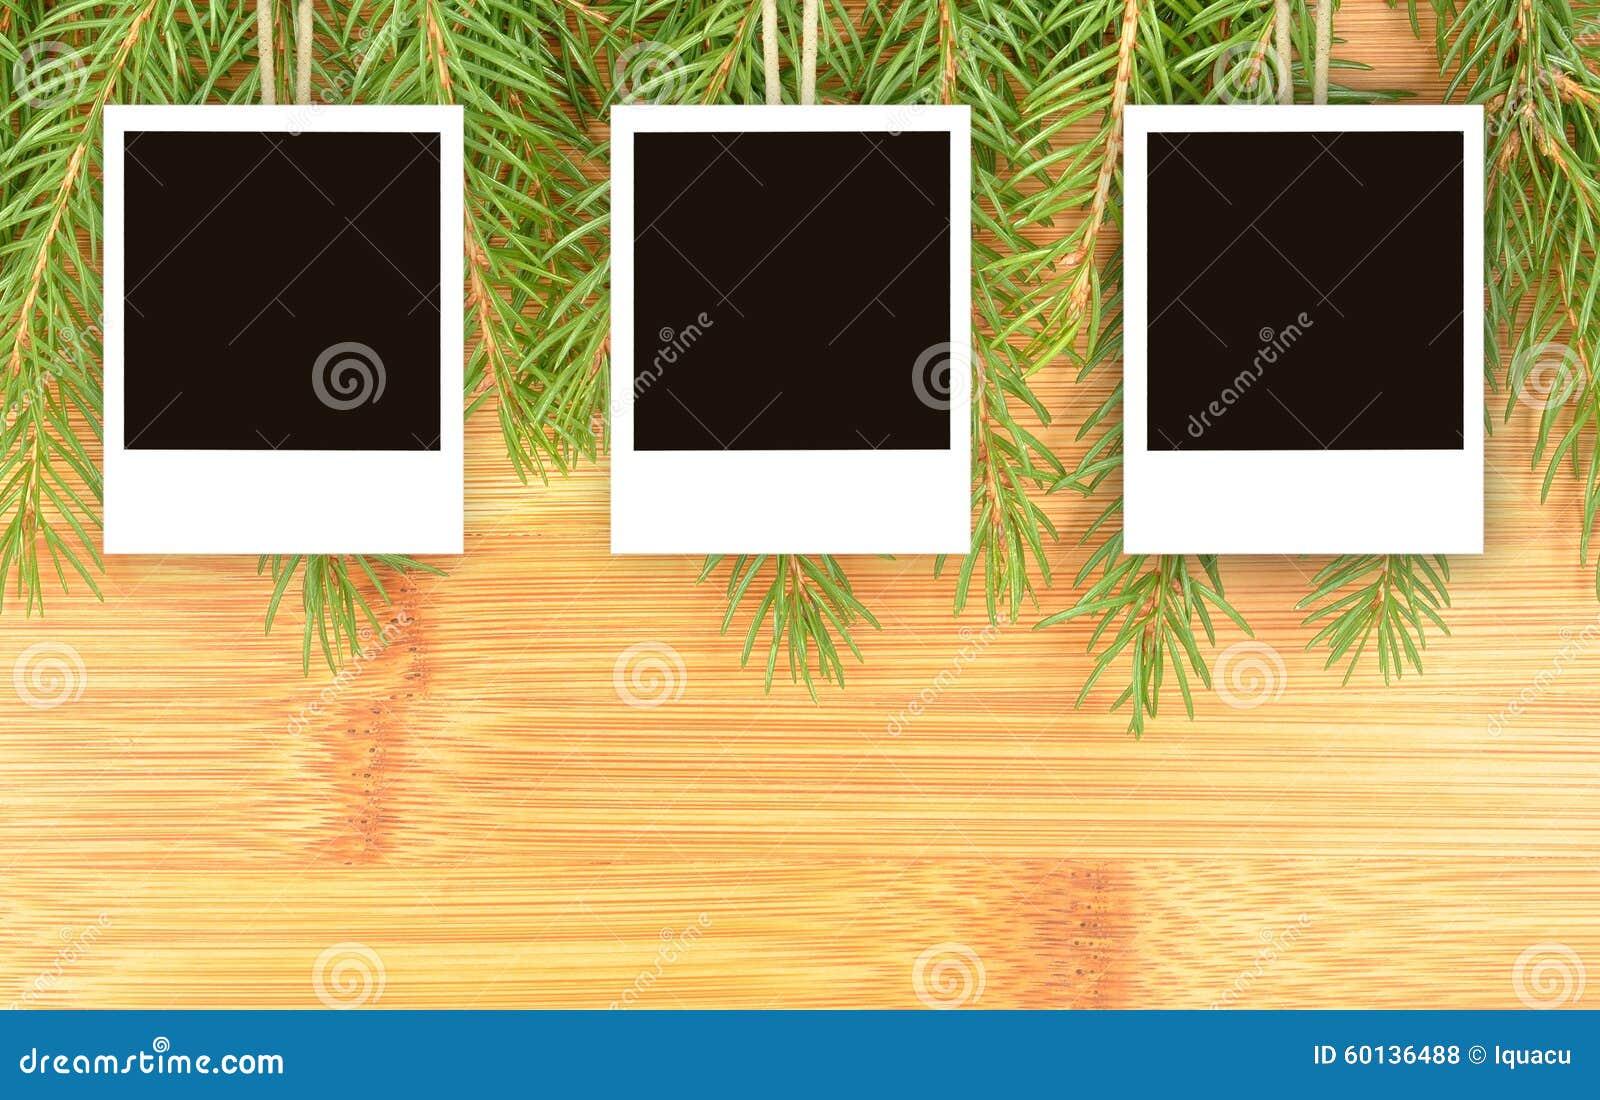 Cuadros colgantes foto de archivo. Imagen de cuerda, cuadros - 60136488